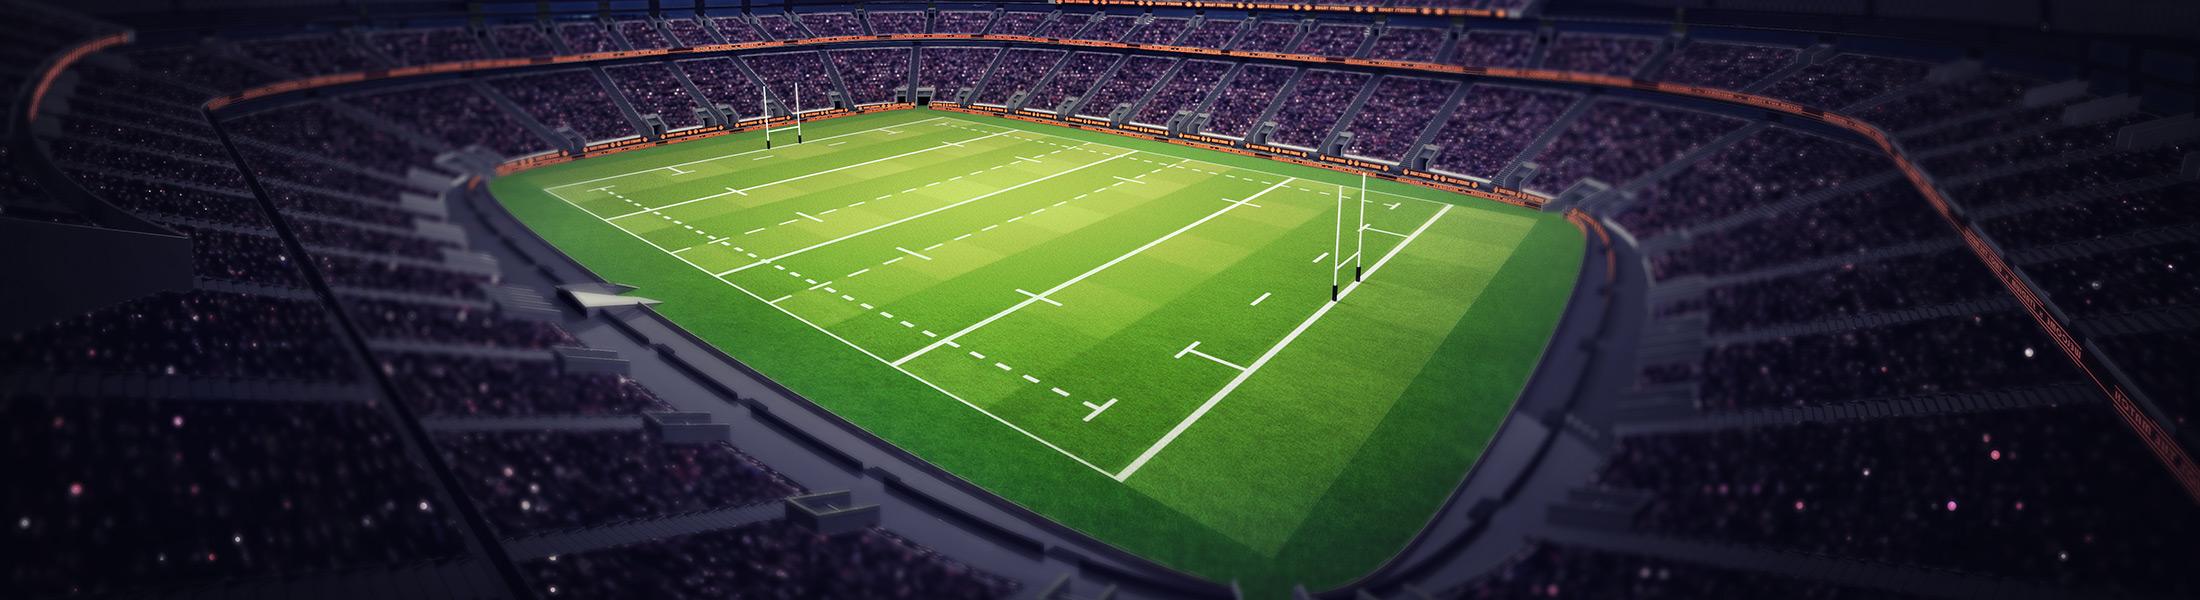 Rugby Stadium under lights